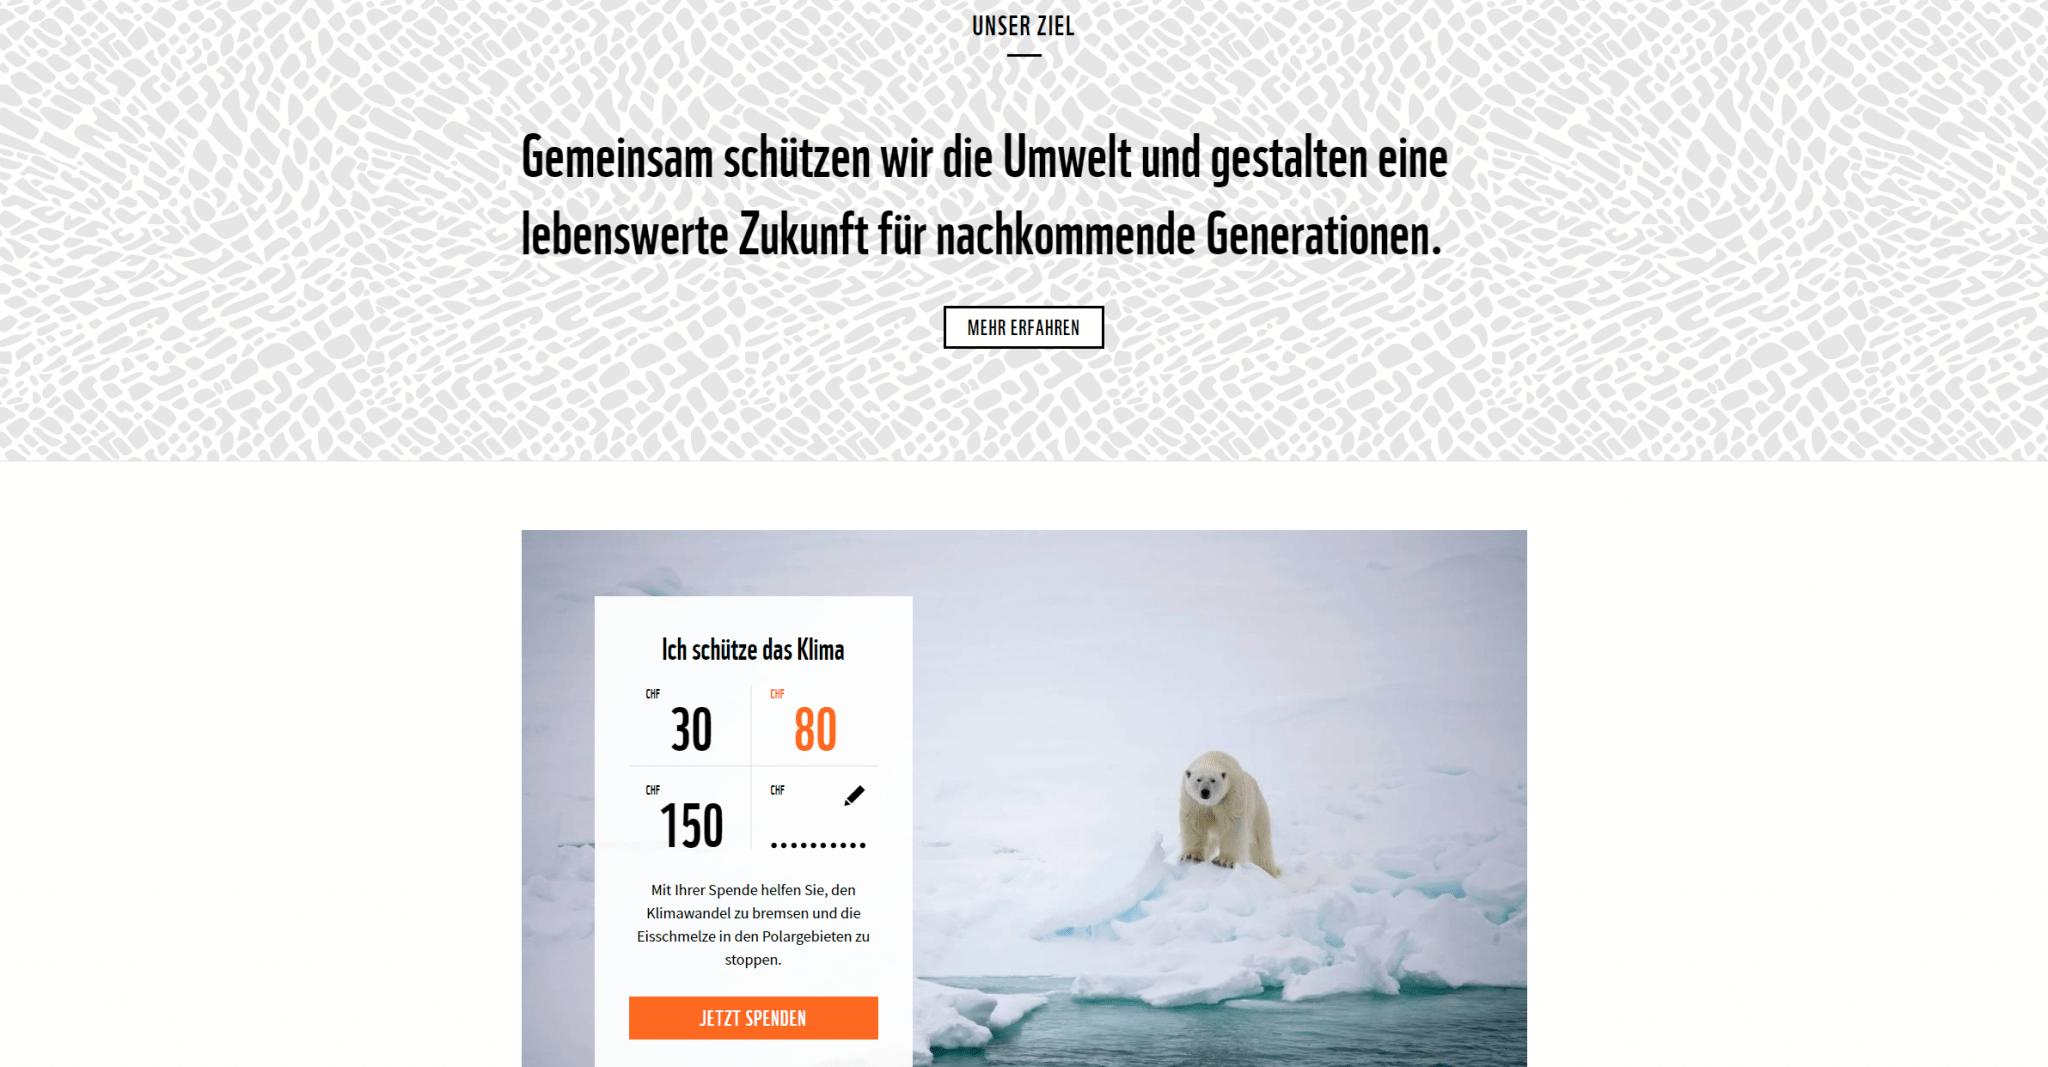 https___www.wwf.ch_de Organisation für Natur – und Umweltschutz – WWF Schweiz_003